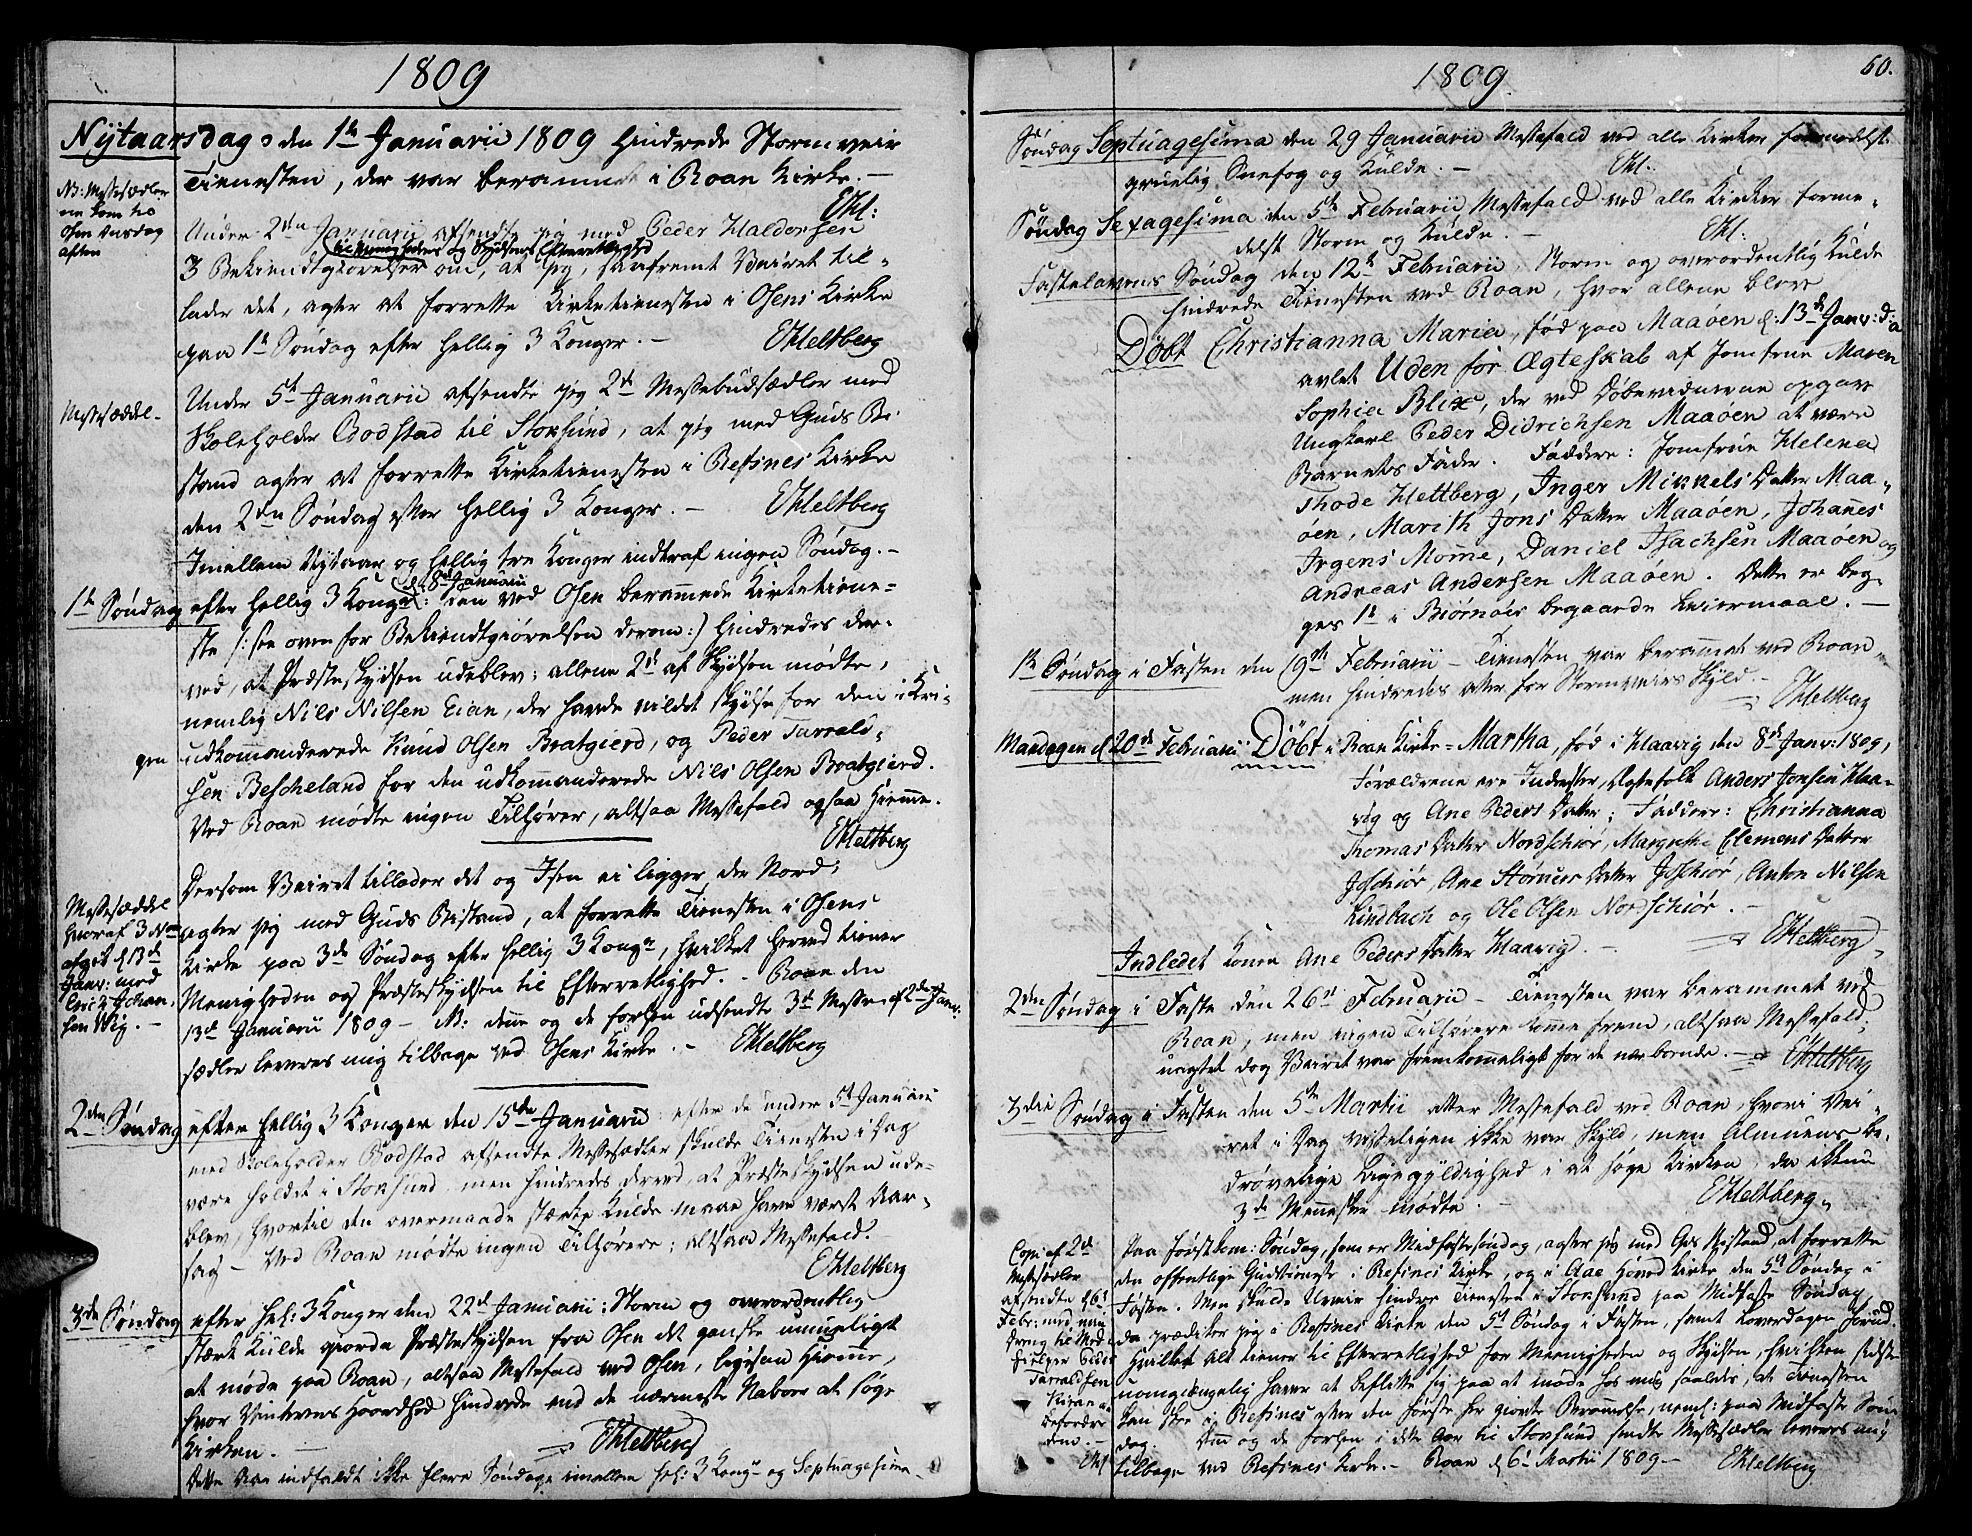 SAT, Ministerialprotokoller, klokkerbøker og fødselsregistre - Sør-Trøndelag, 657/L0701: Ministerialbok nr. 657A02, 1802-1831, s. 60